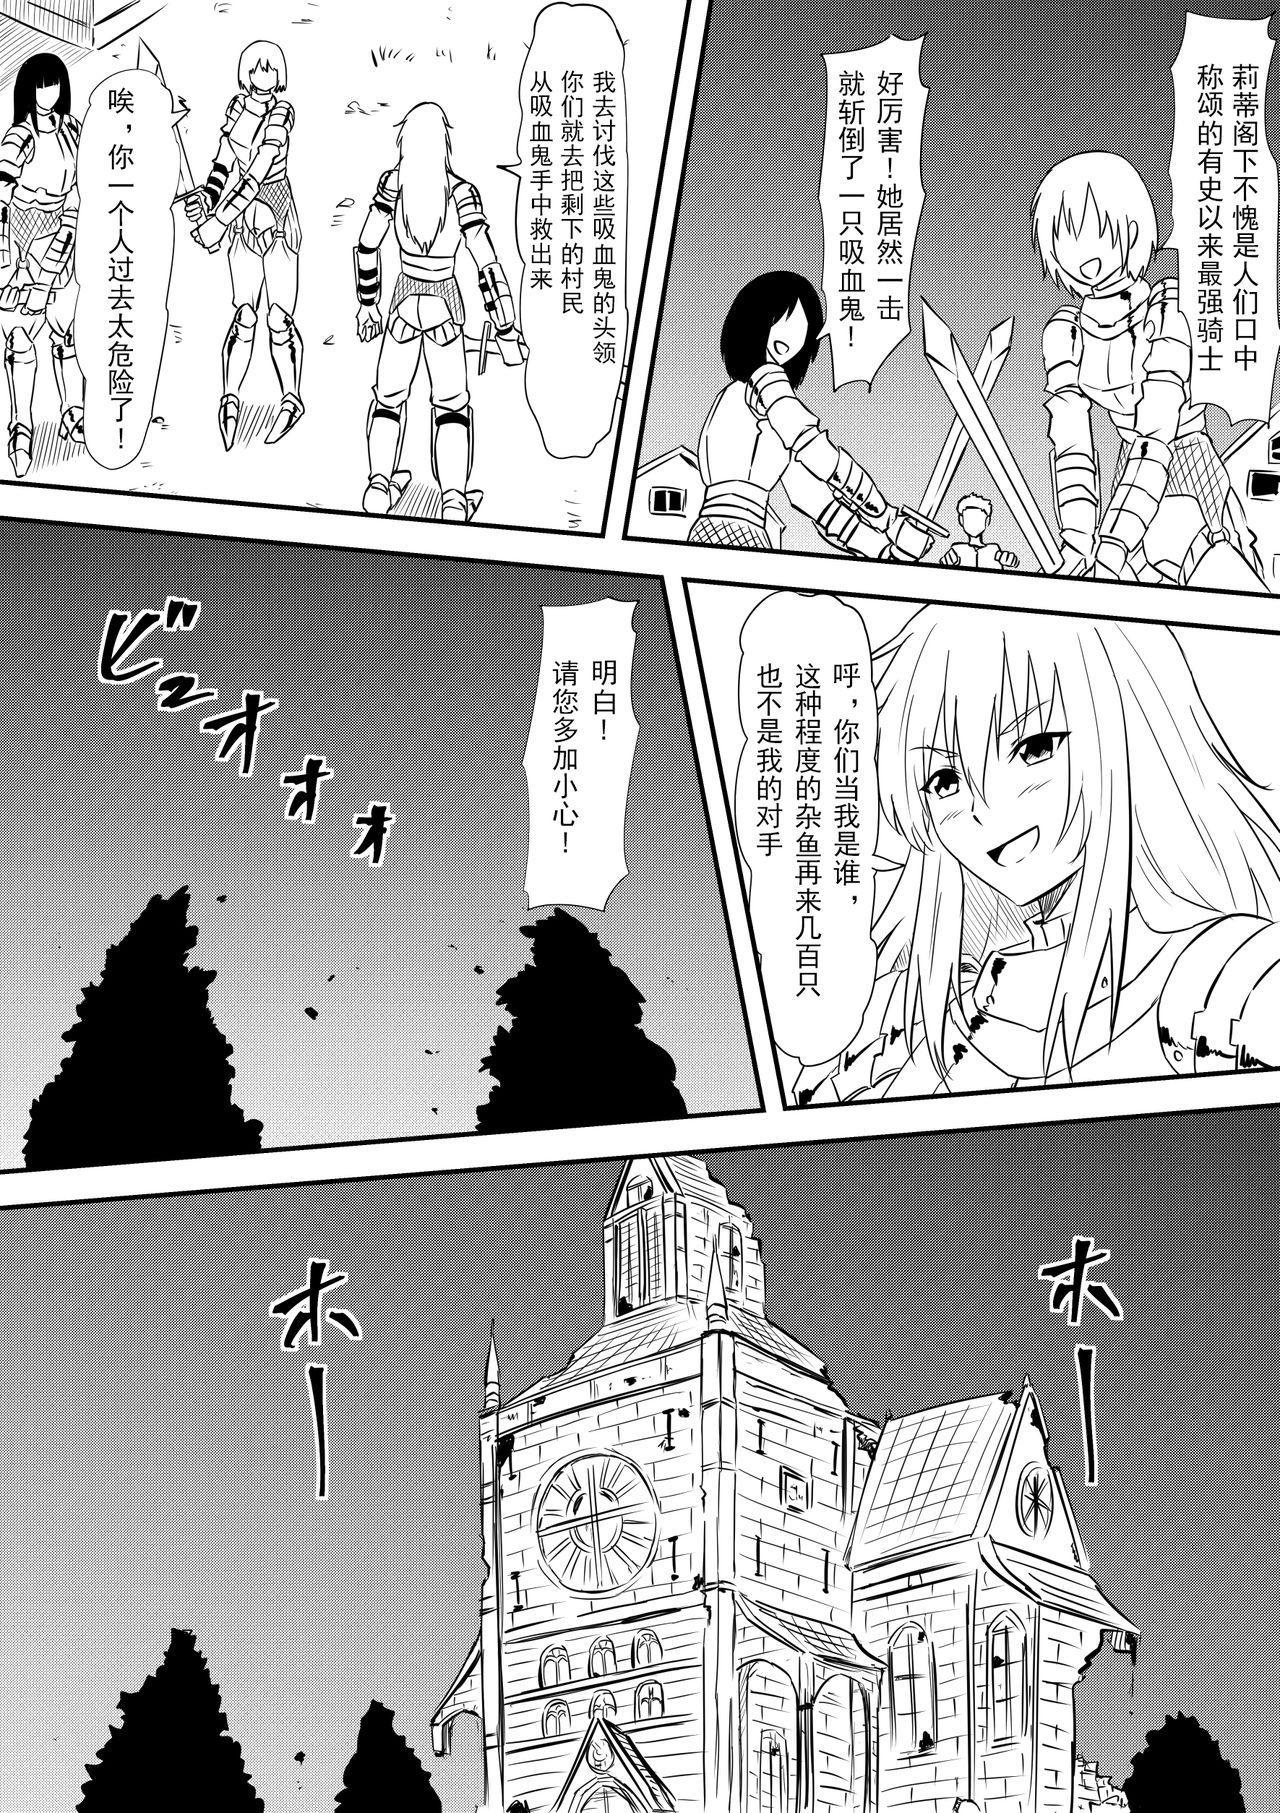 [Mikezoutei] Onna Kishi no Okaa-san ga Kyouseiteki ni Kyuuketsuki-ka Saserarete Otosareru Hanashi [Chinese] [恶堕*不咕鸟汉化组] 1